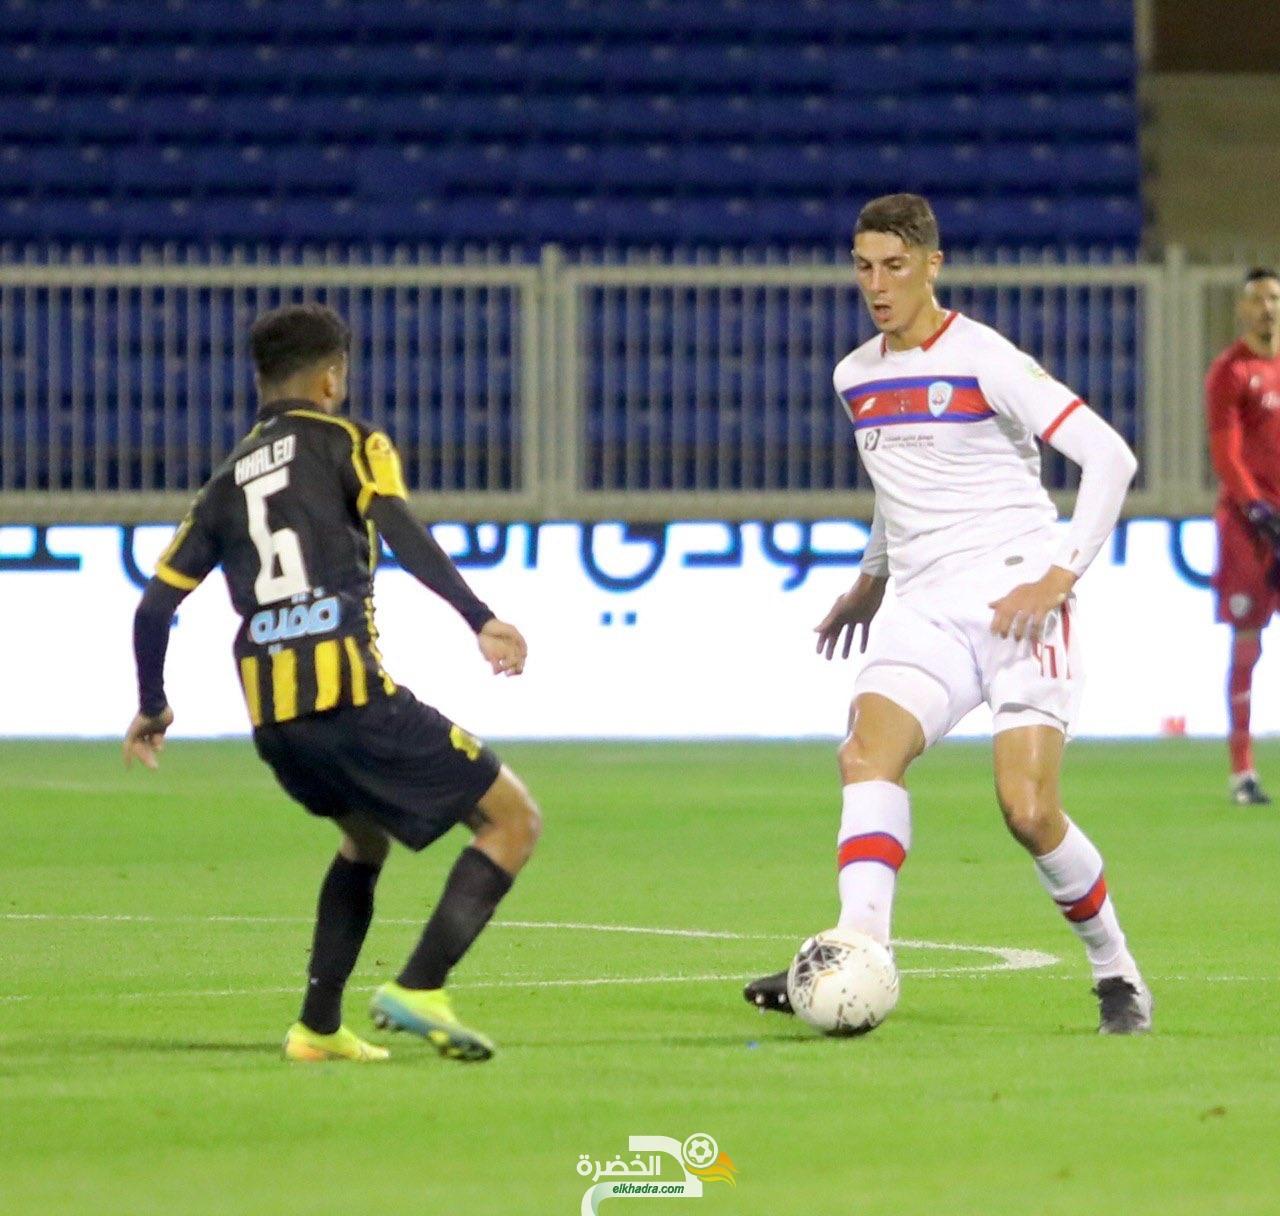 مهدي تاهرات هداف ويقود أبها للفوز على الاتحاد في الدوري السعودي 26